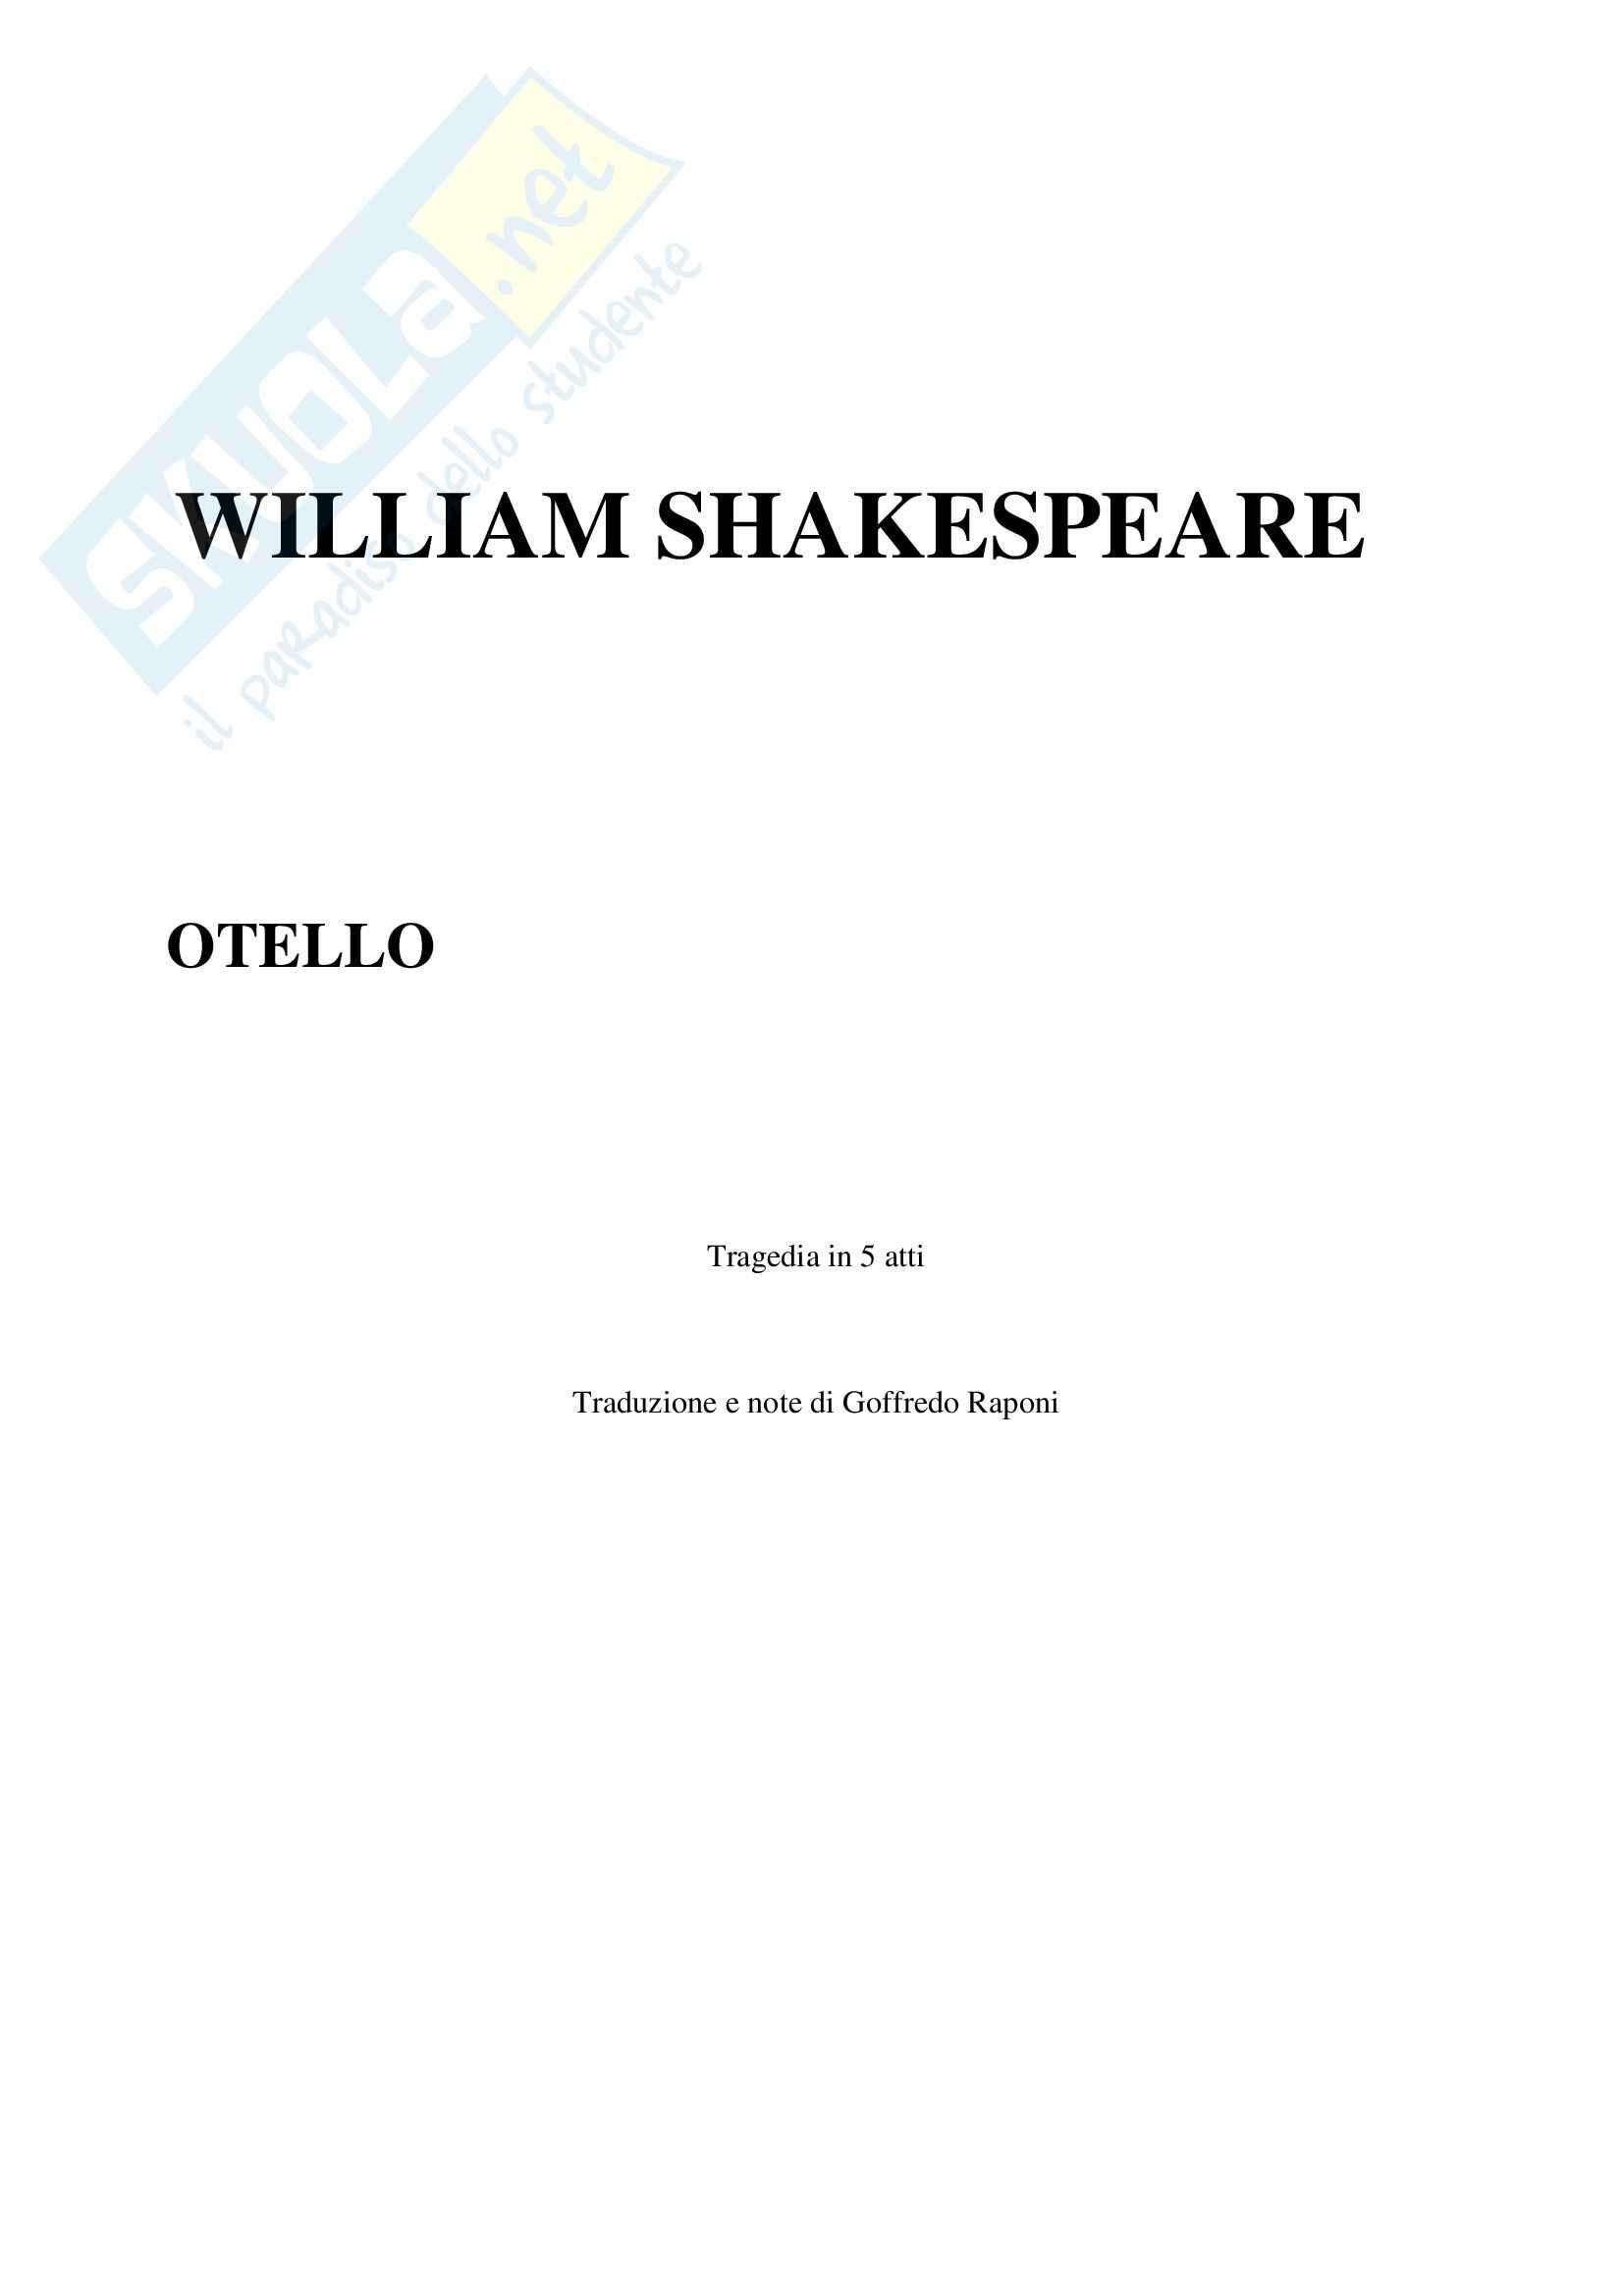 Otello, Shakespeare - Testo completo